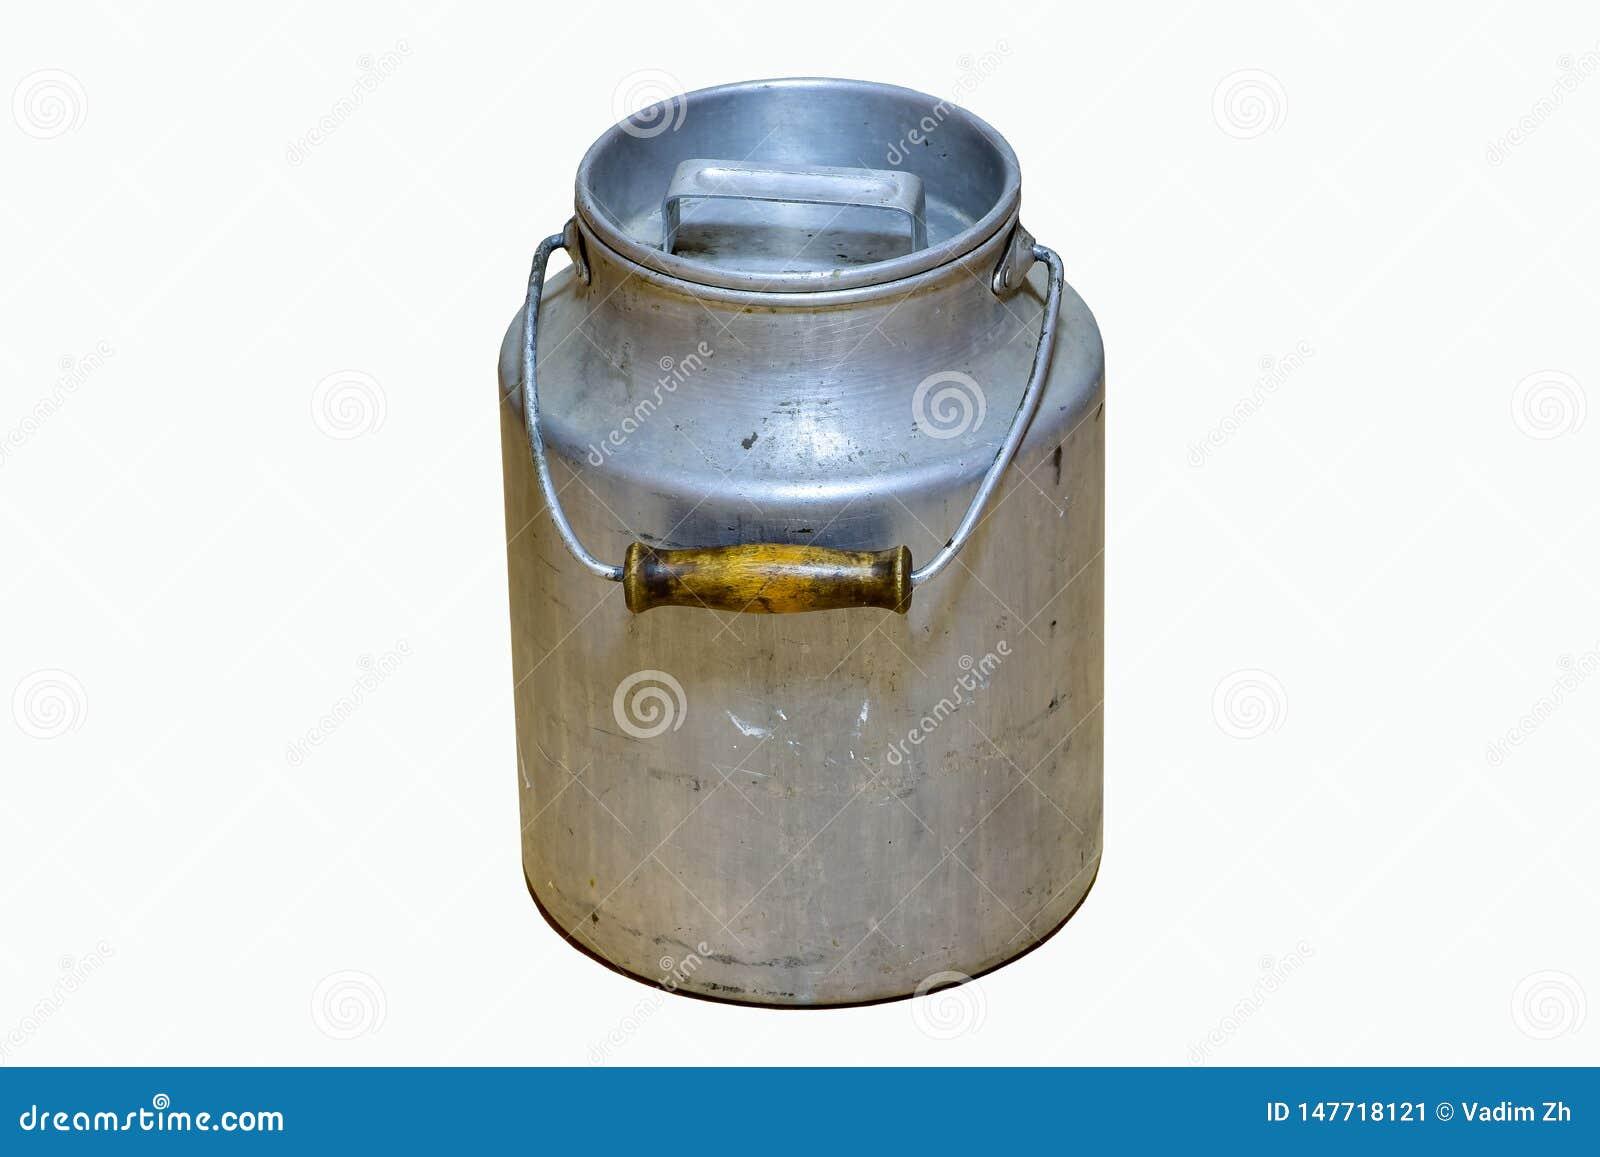 Alt benutzte kleine Aluminiummilchdose, als Alternative zur Anwendung von Plastikbehältern